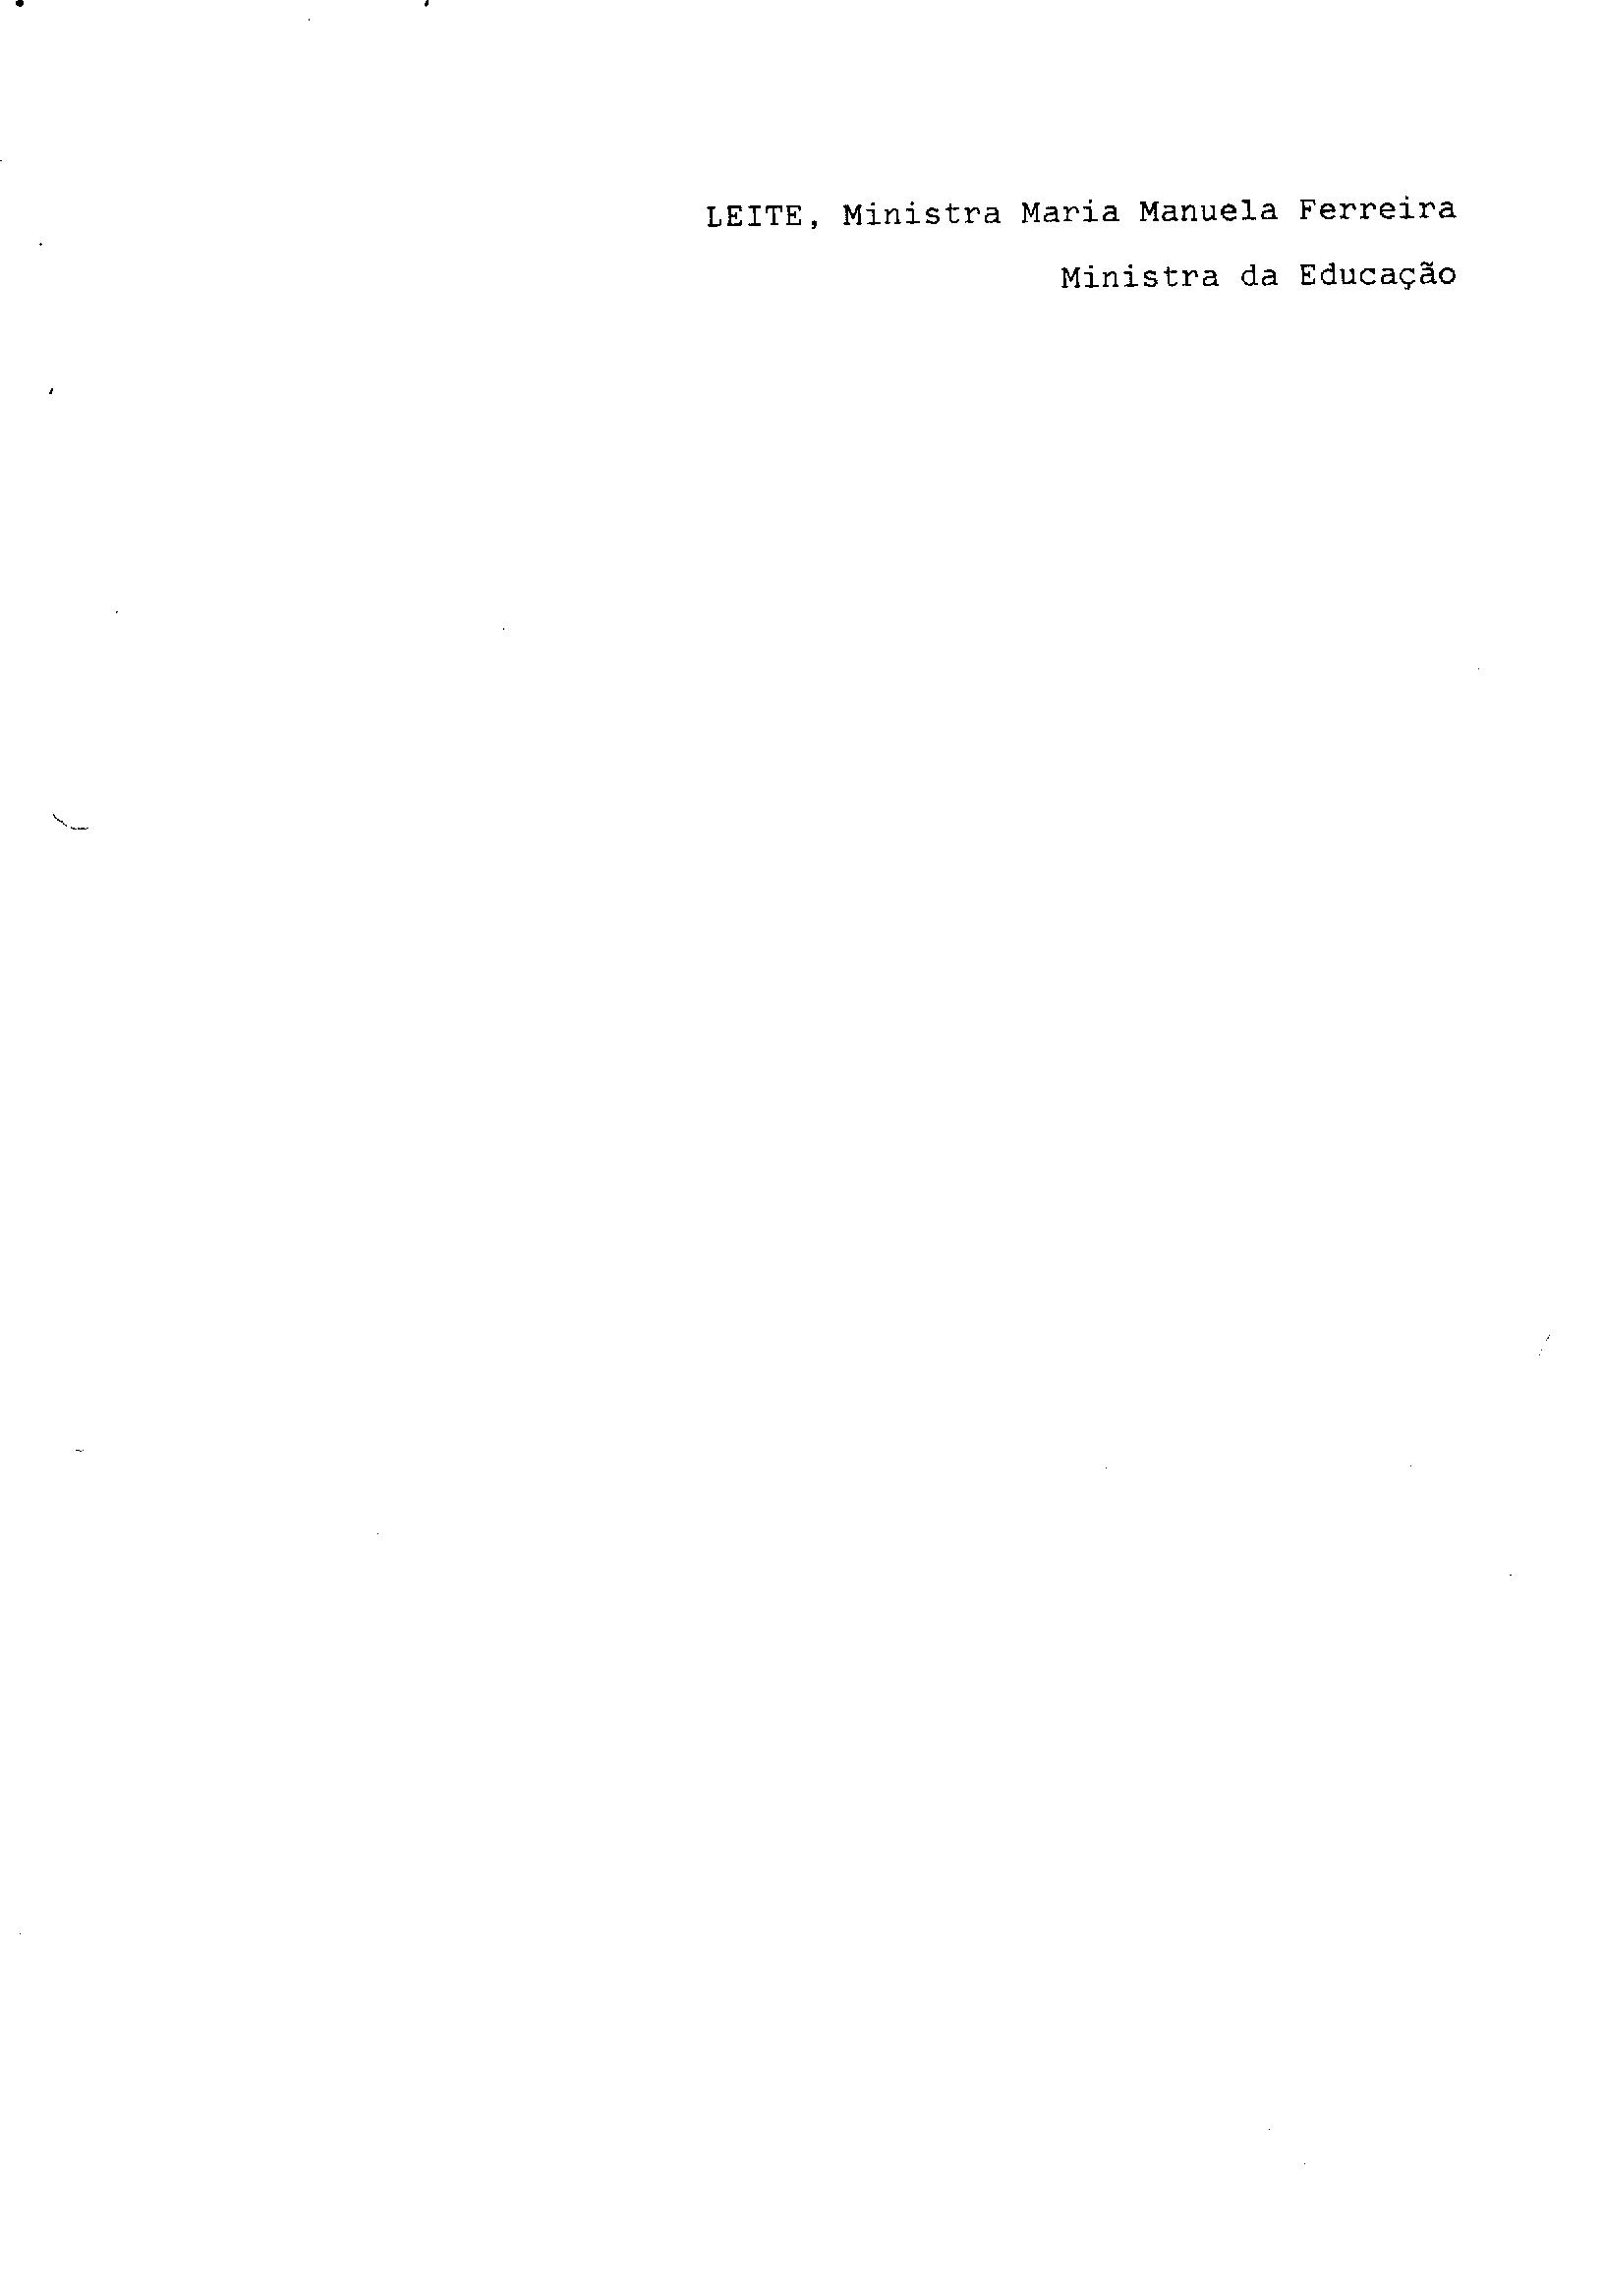 02003.024- pag.1